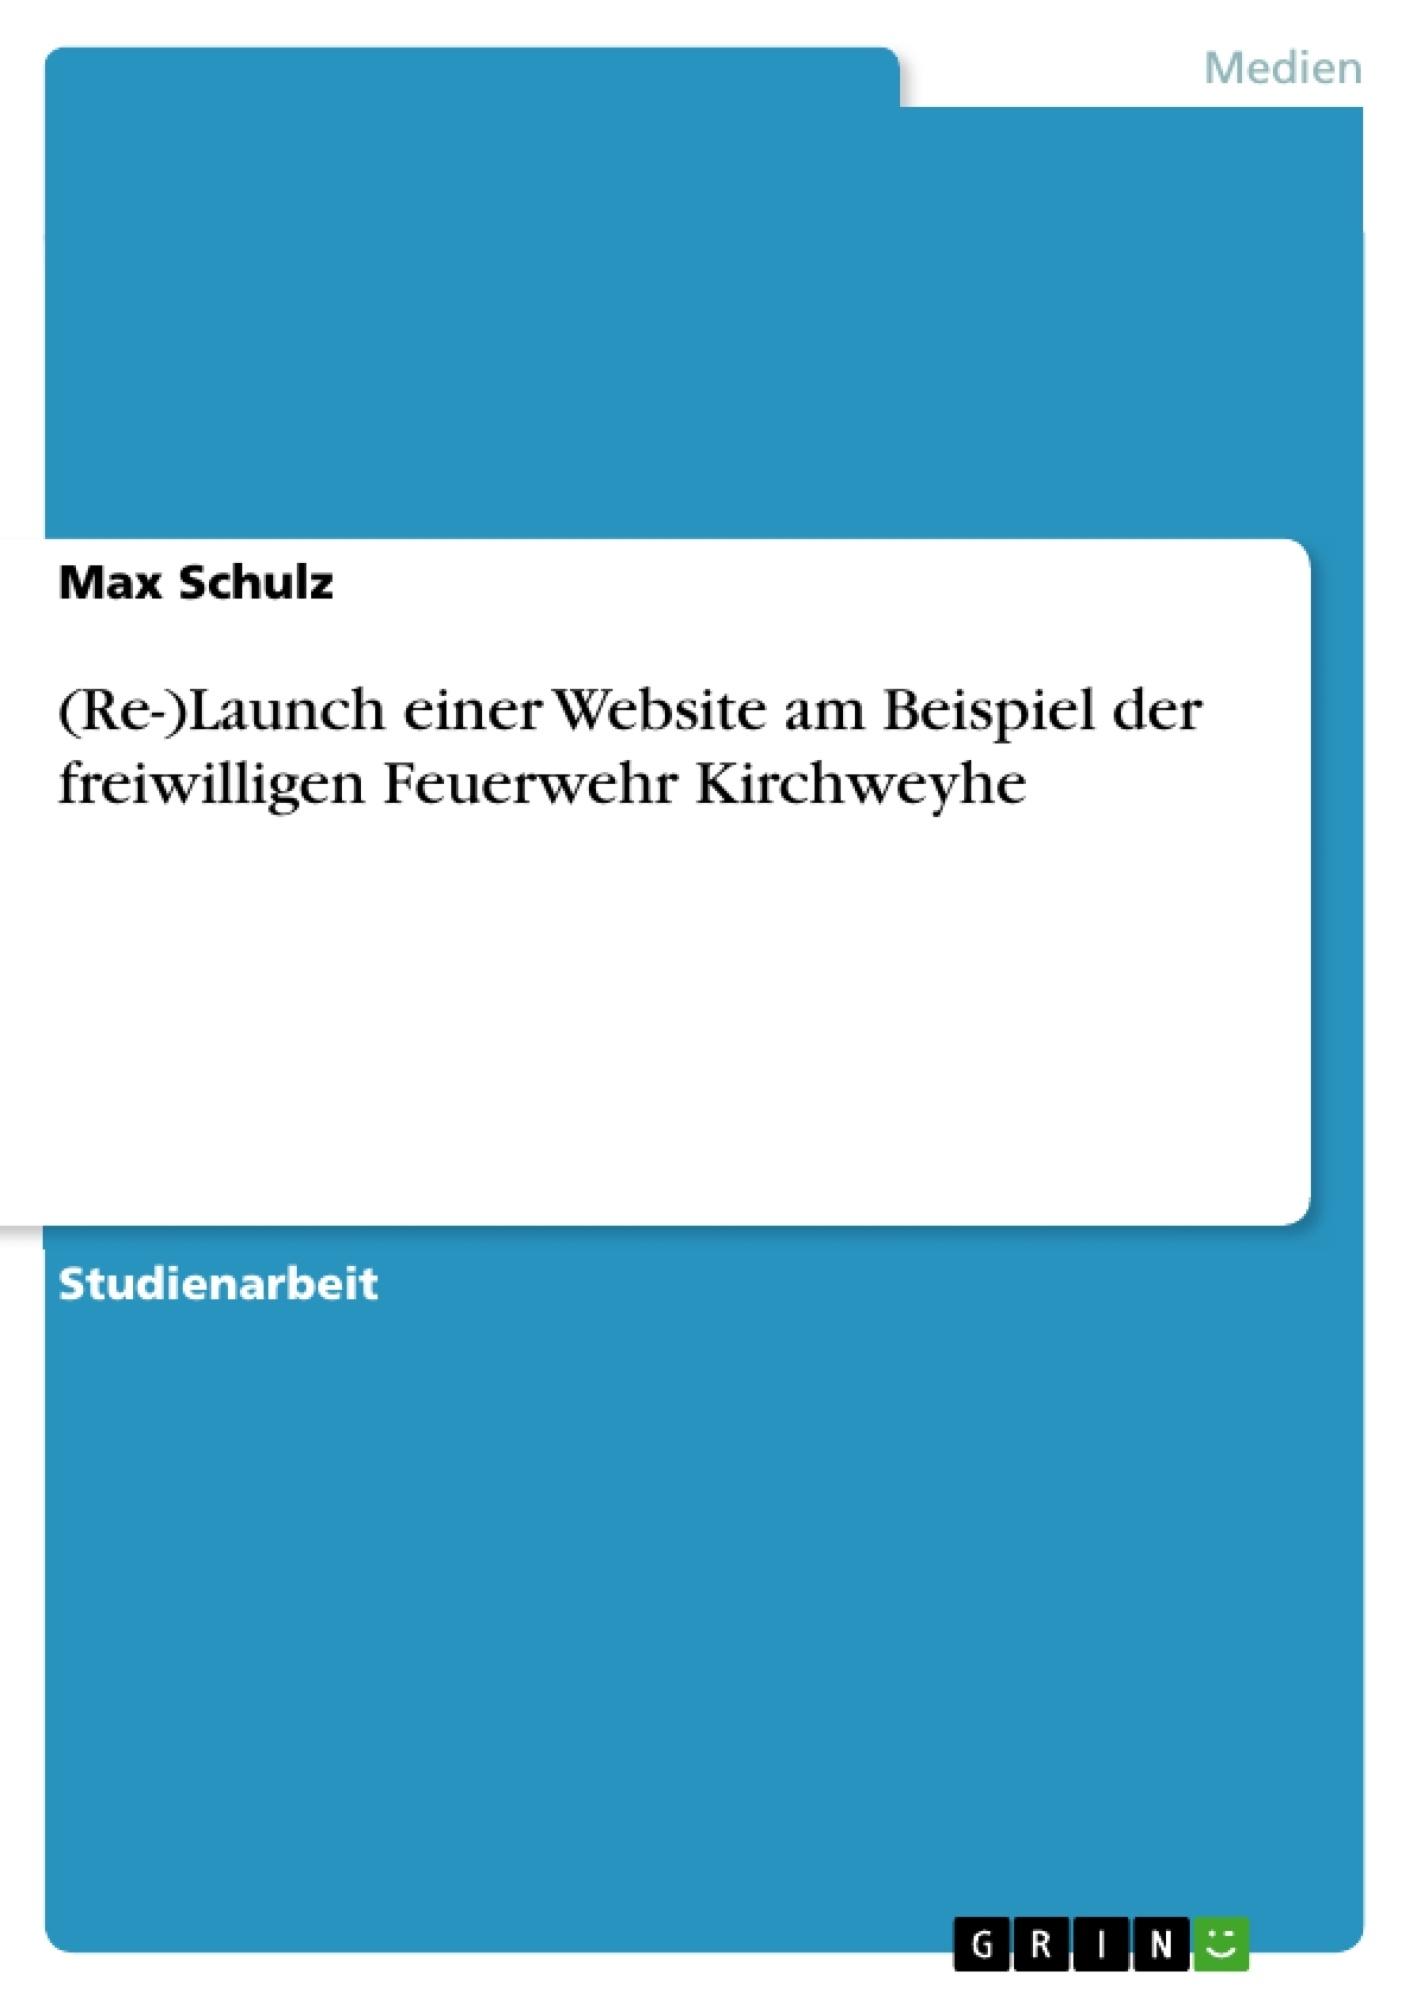 Titel: (Re-)Launch einer Website am Beispiel der freiwilligen Feuerwehr Kirchweyhe